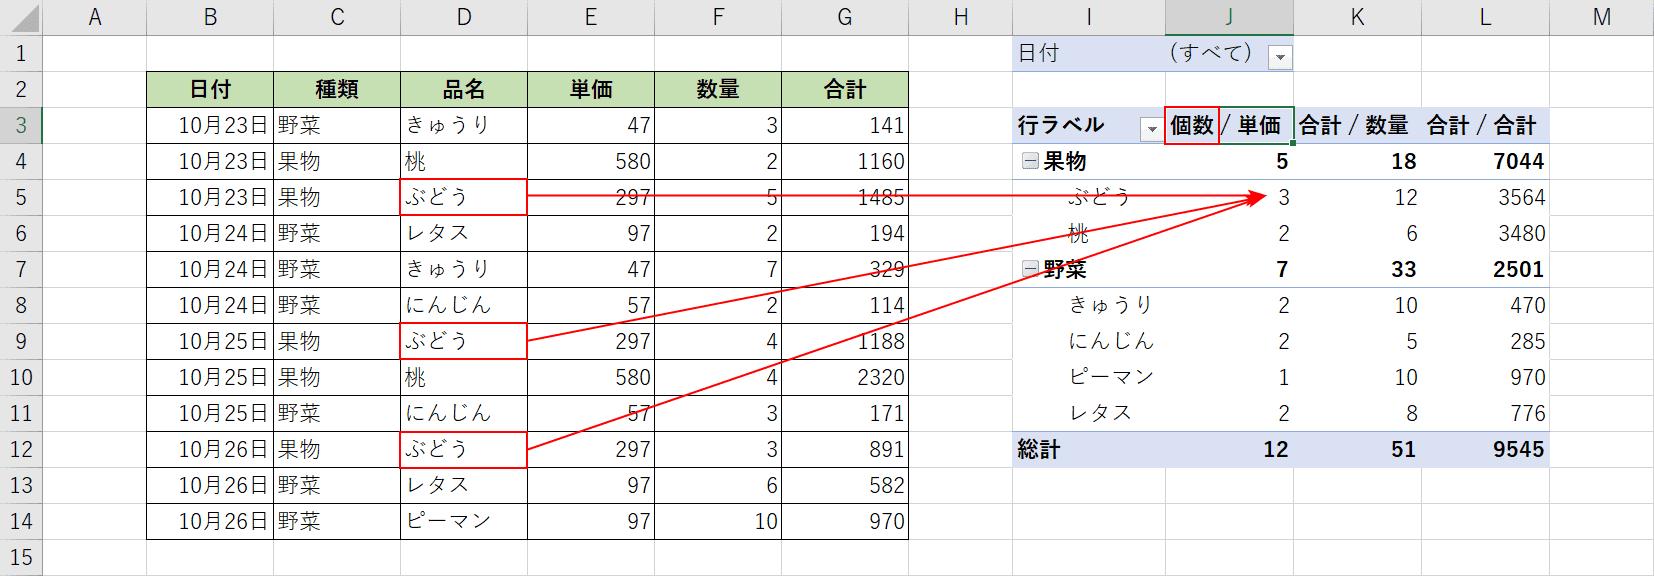 データの個数の結果